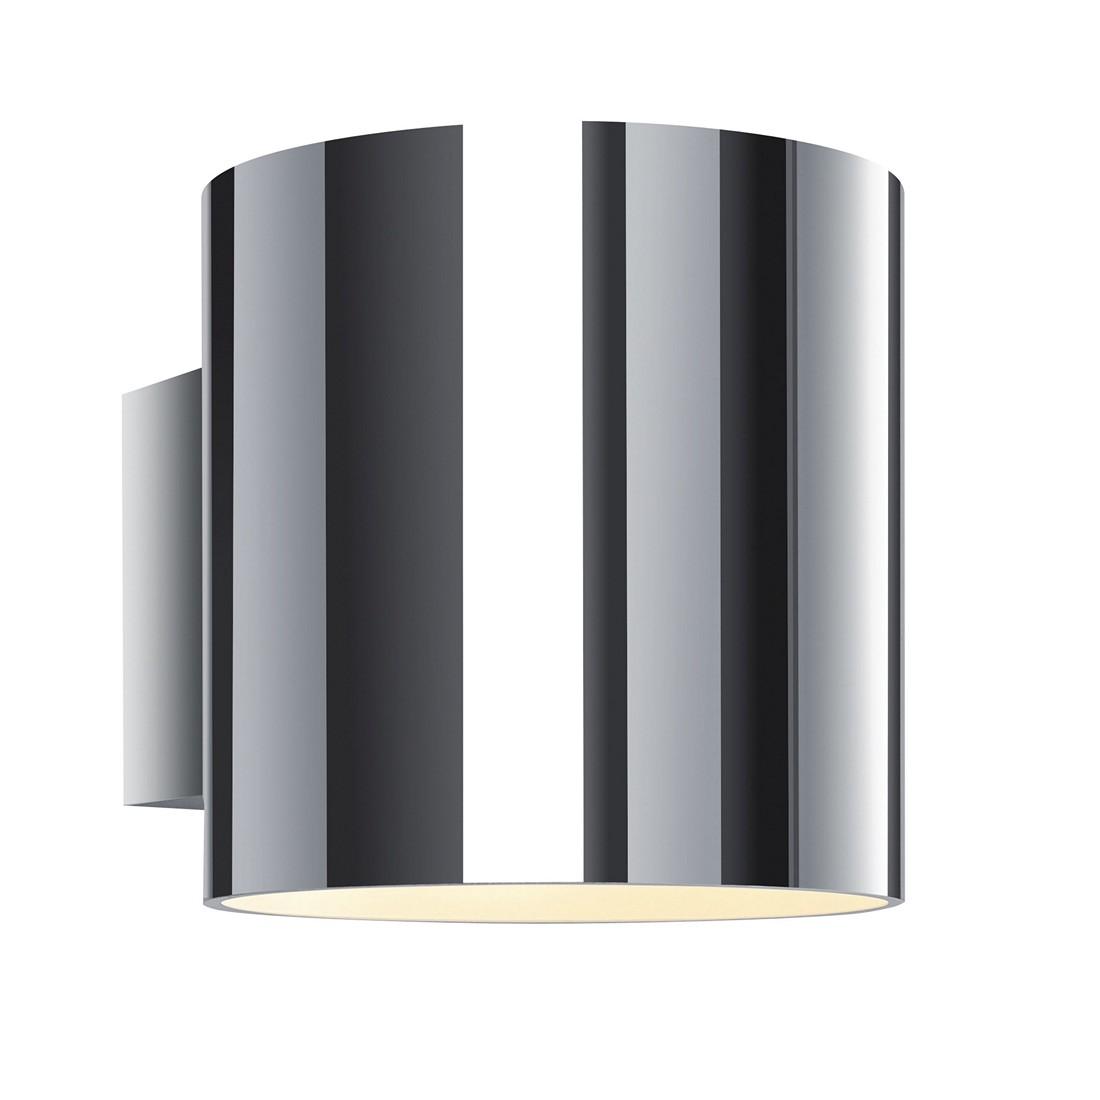 Wandleuchte Project ● Poliert Aluminium Poliert Alu Poliert- Oligo Lichttechnik